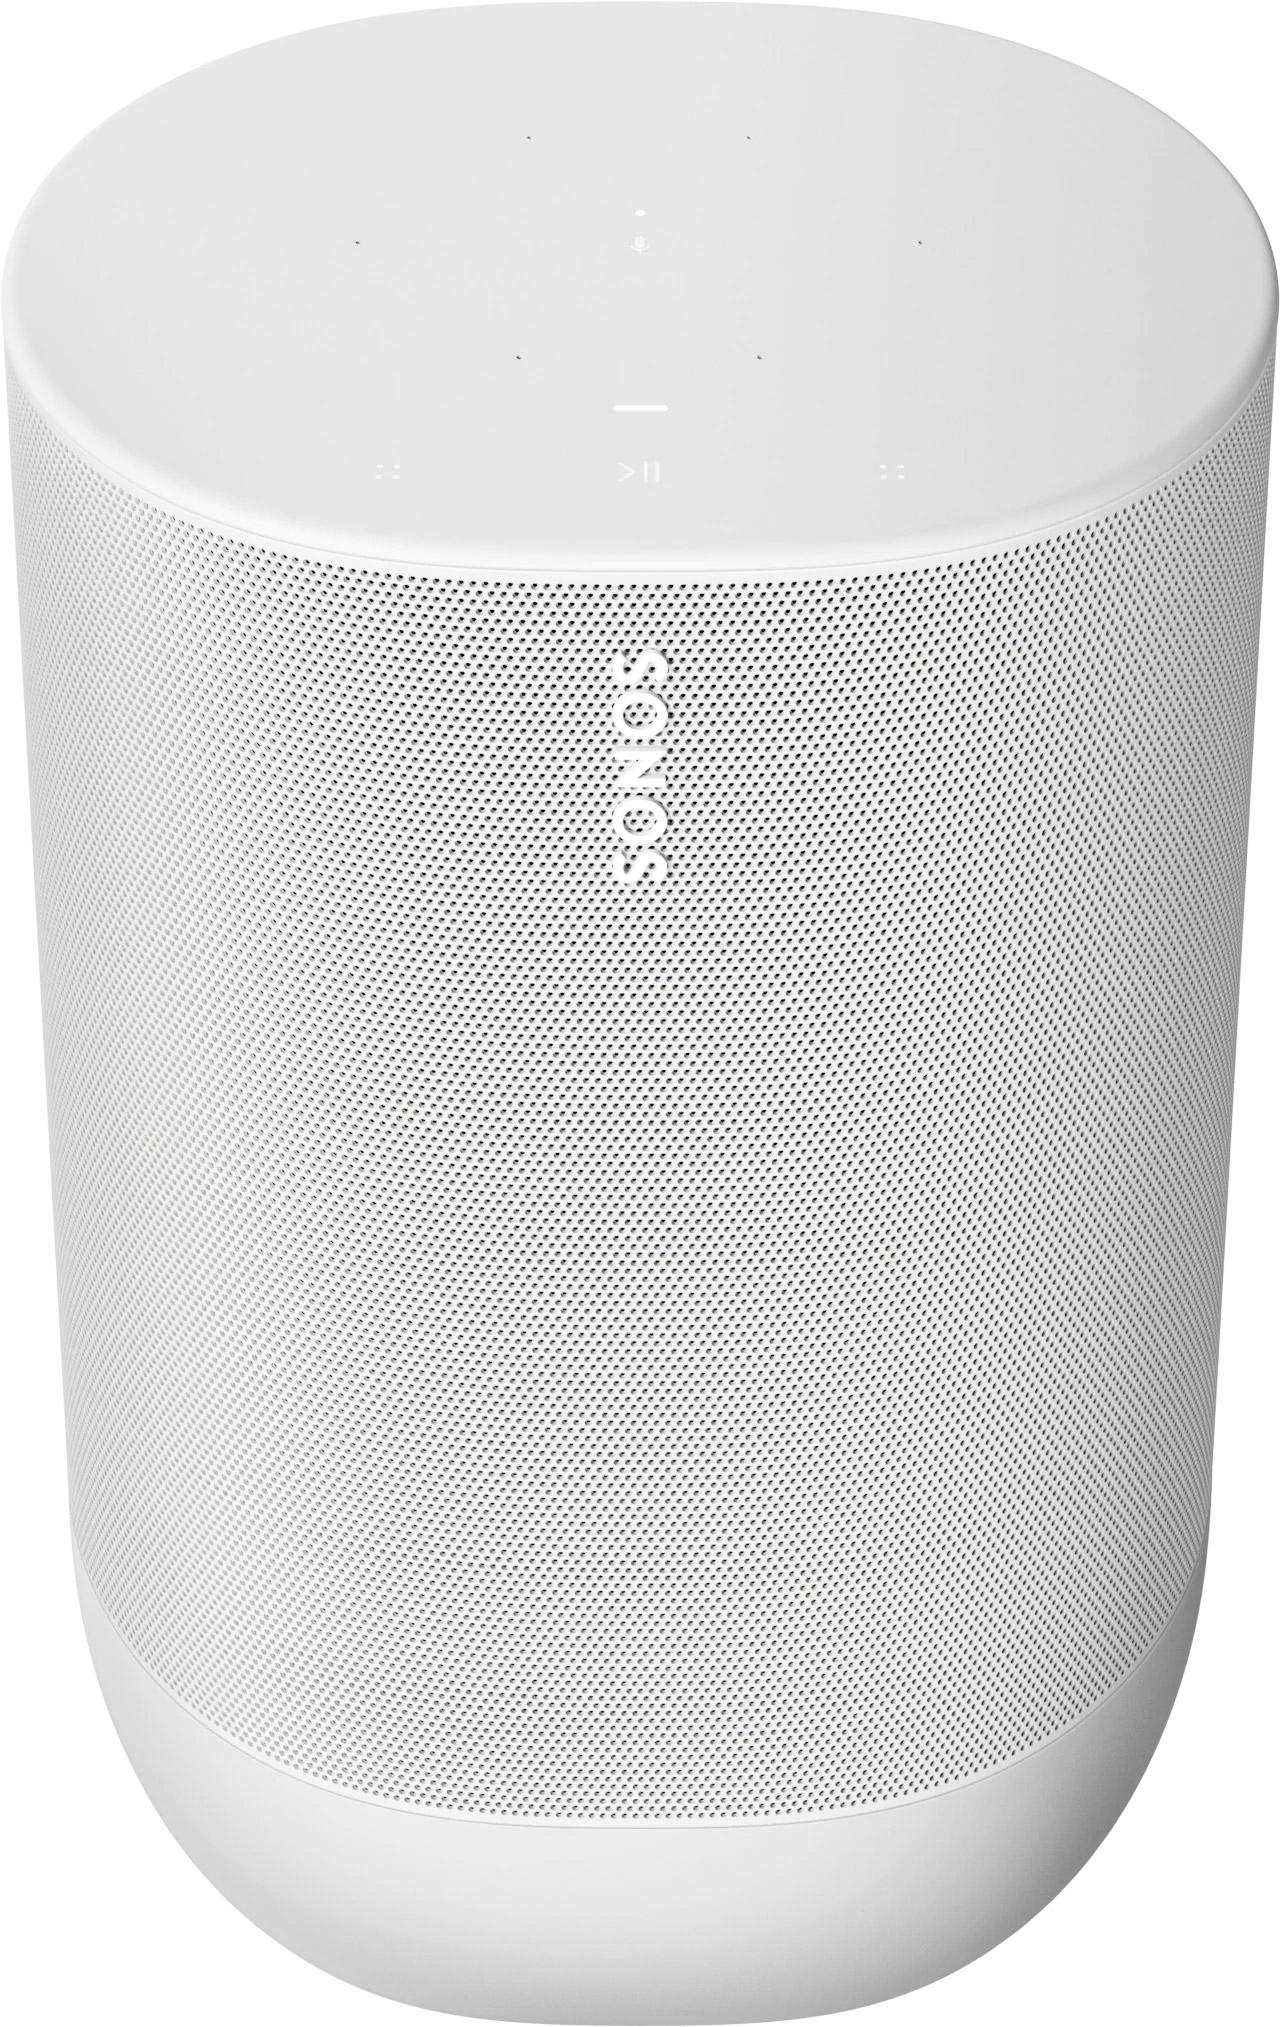 Sonos MOVE WH